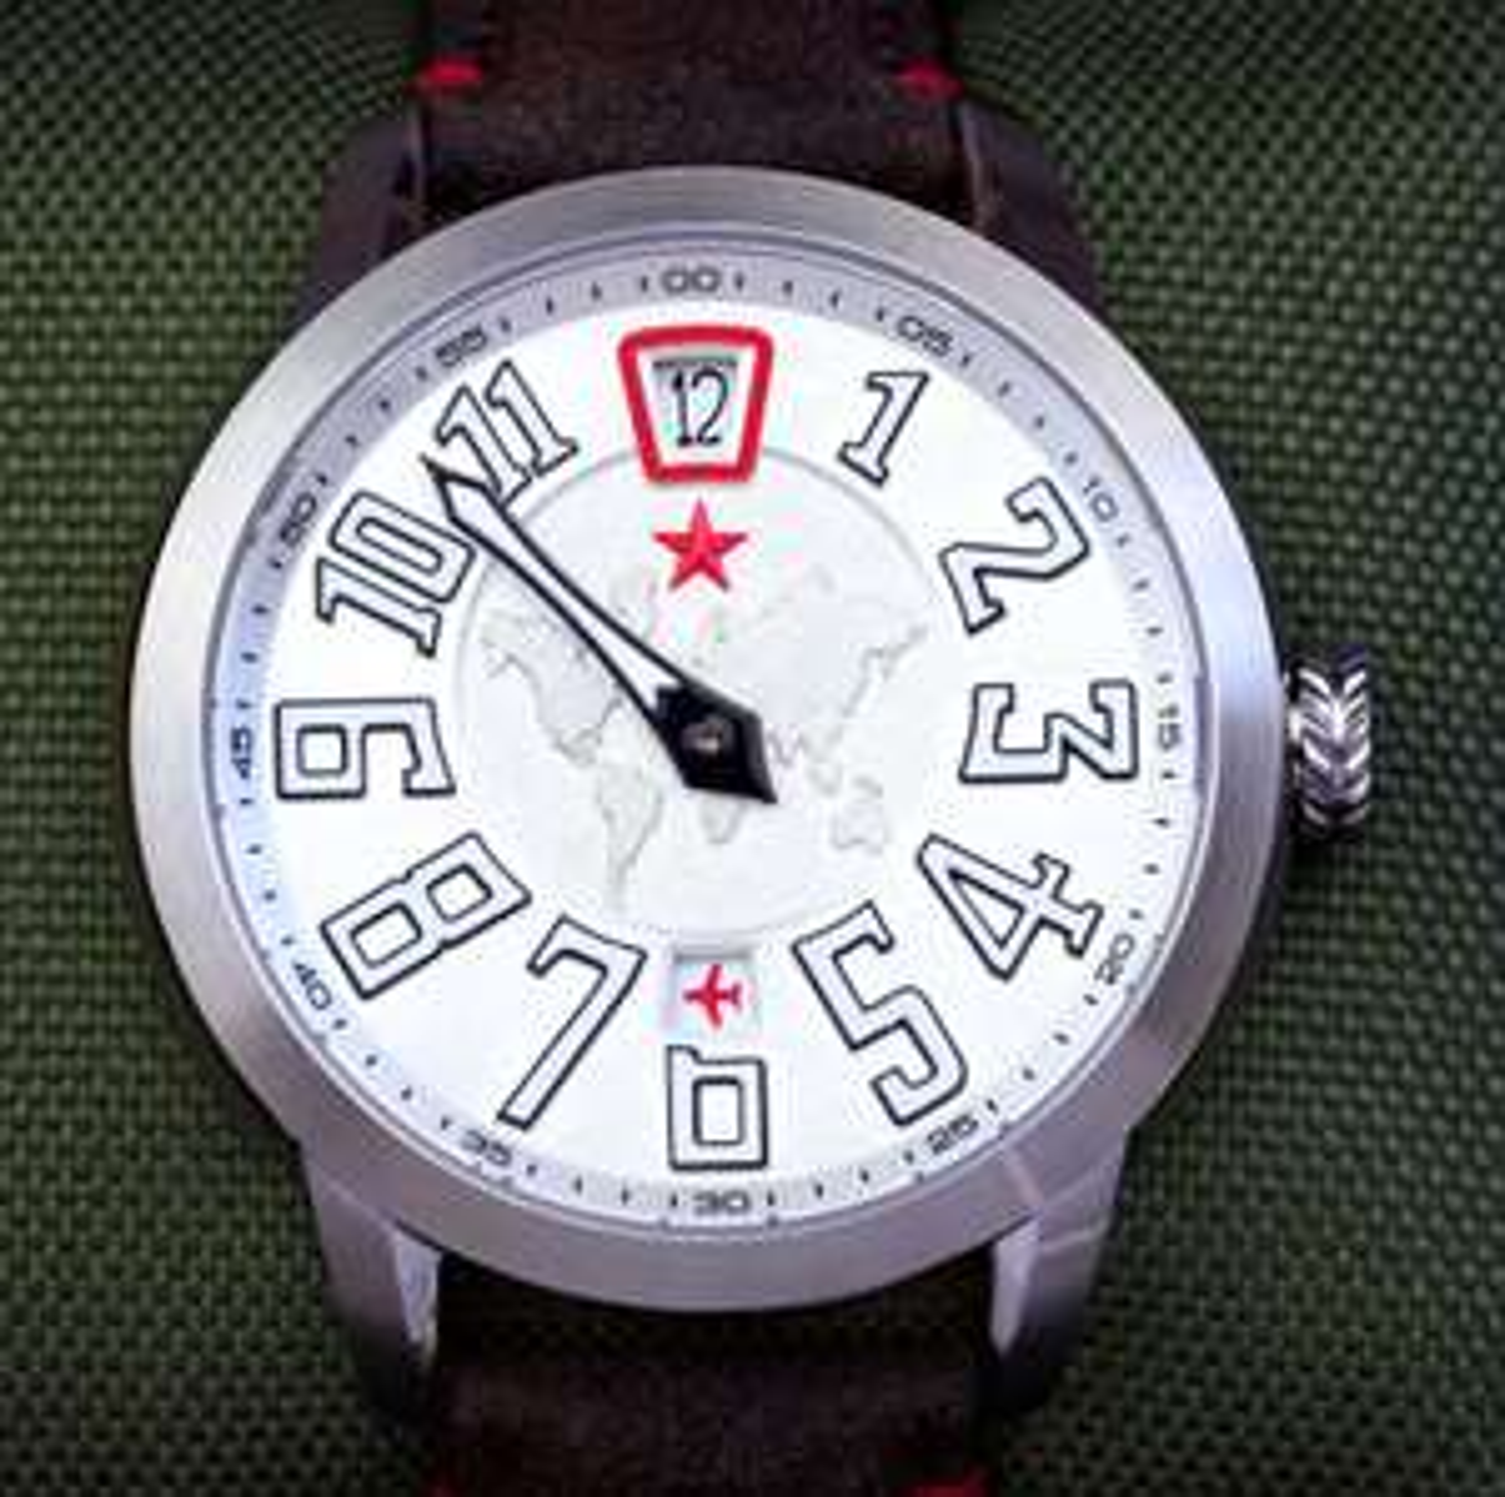 Seagull ST.17 Automatik Uhr 'Roter Stern' mit Springender Stunde, Saphirglas, verschraubter Glasboden